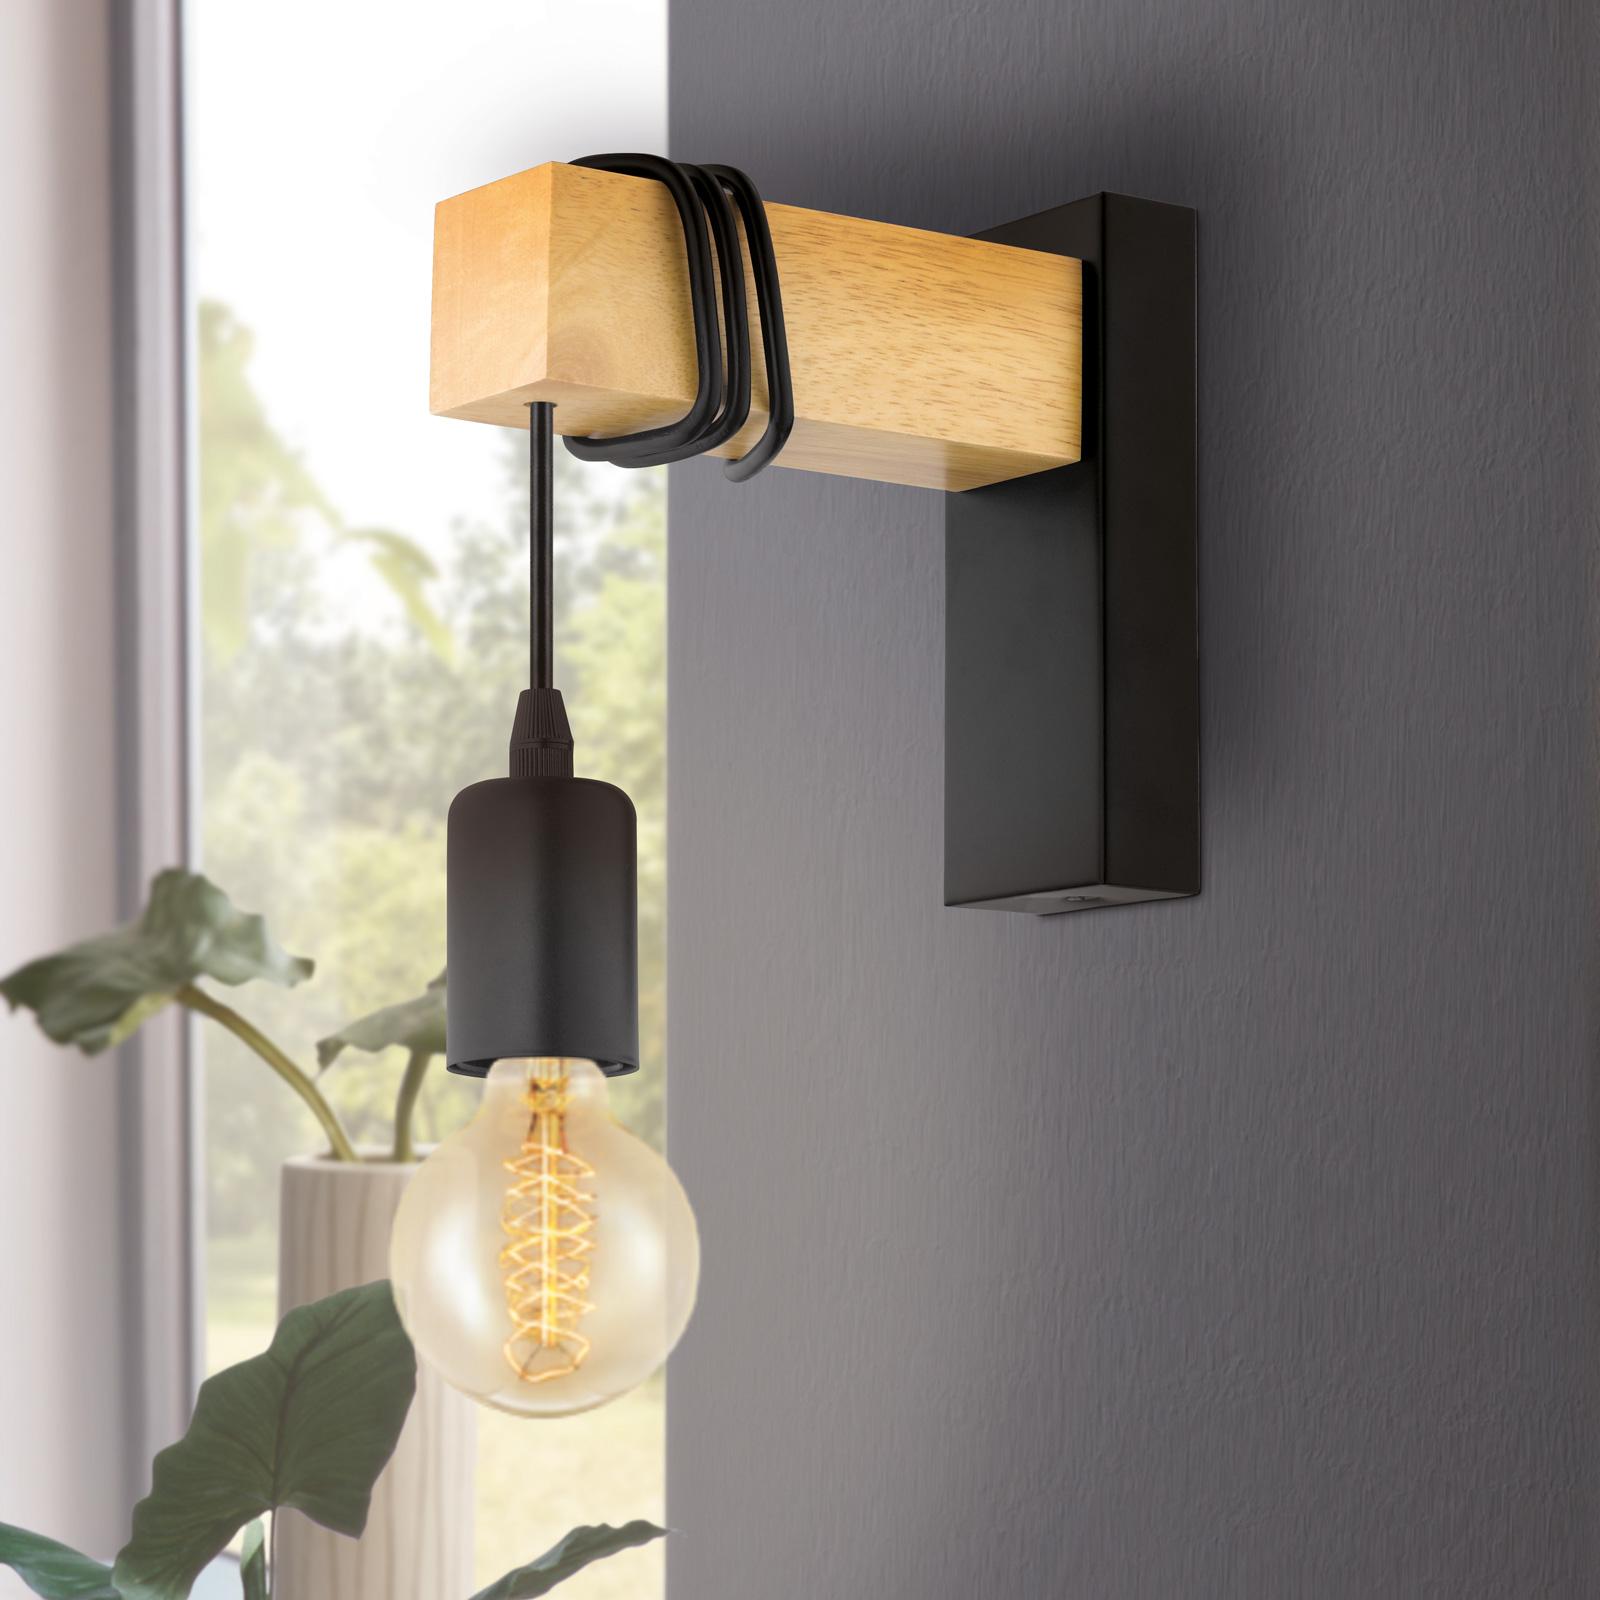 Lámpara de pared Townshend con elemento de madera